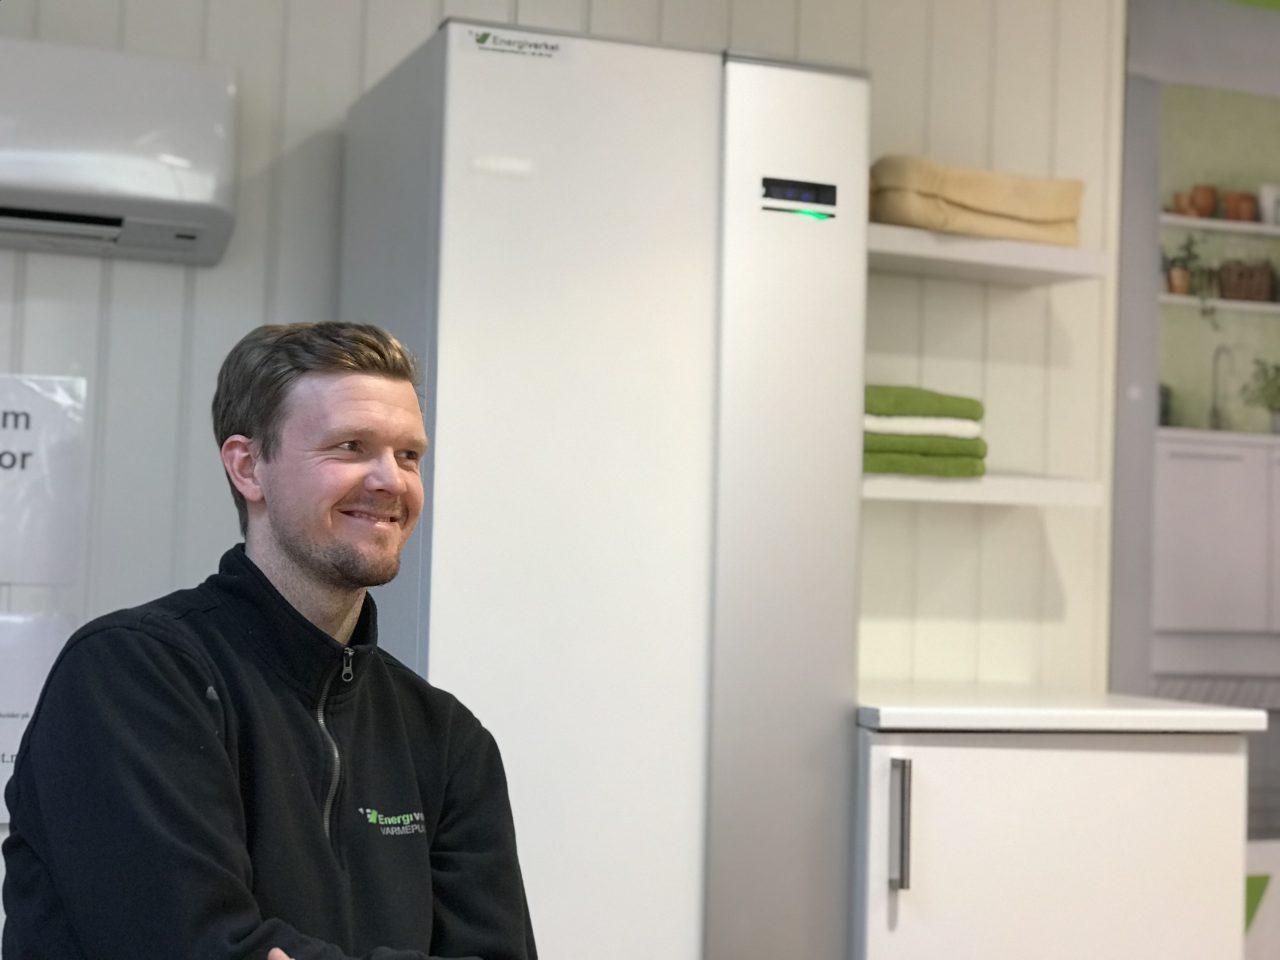 Kenneth ble rørlegger hos Energiverket og er i dag leder for montørene i Vestfold